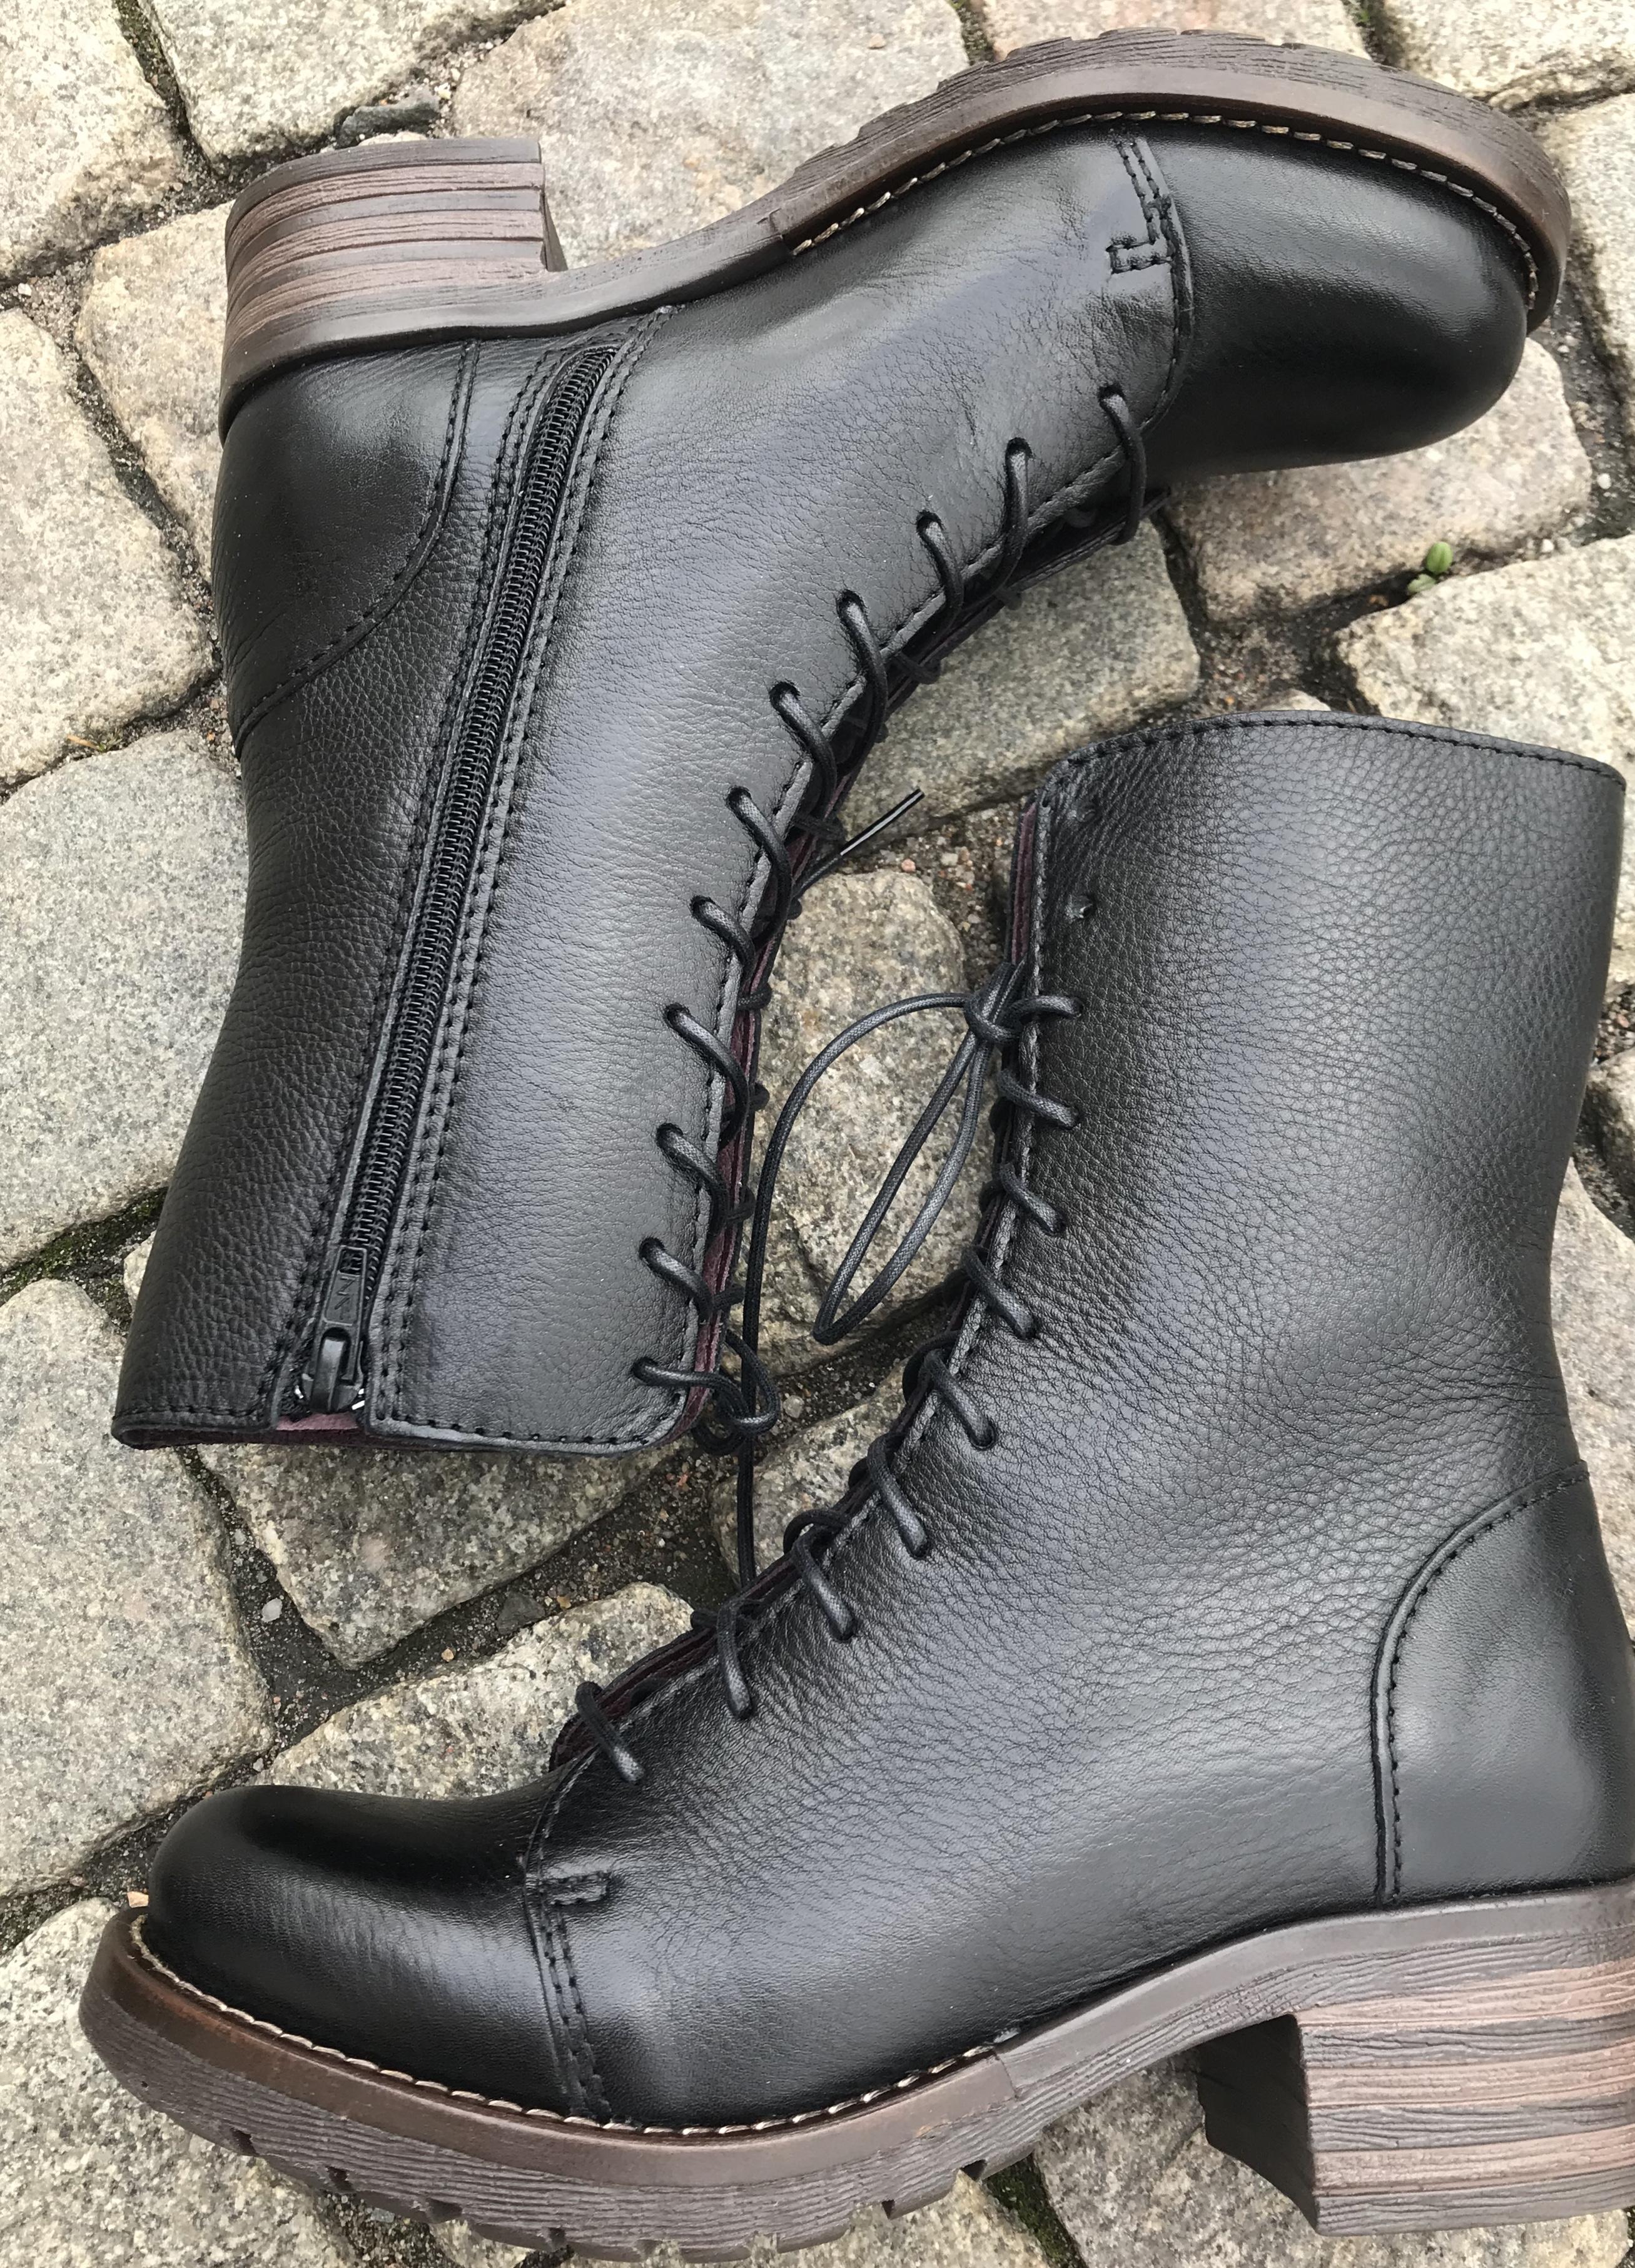 brako military svart